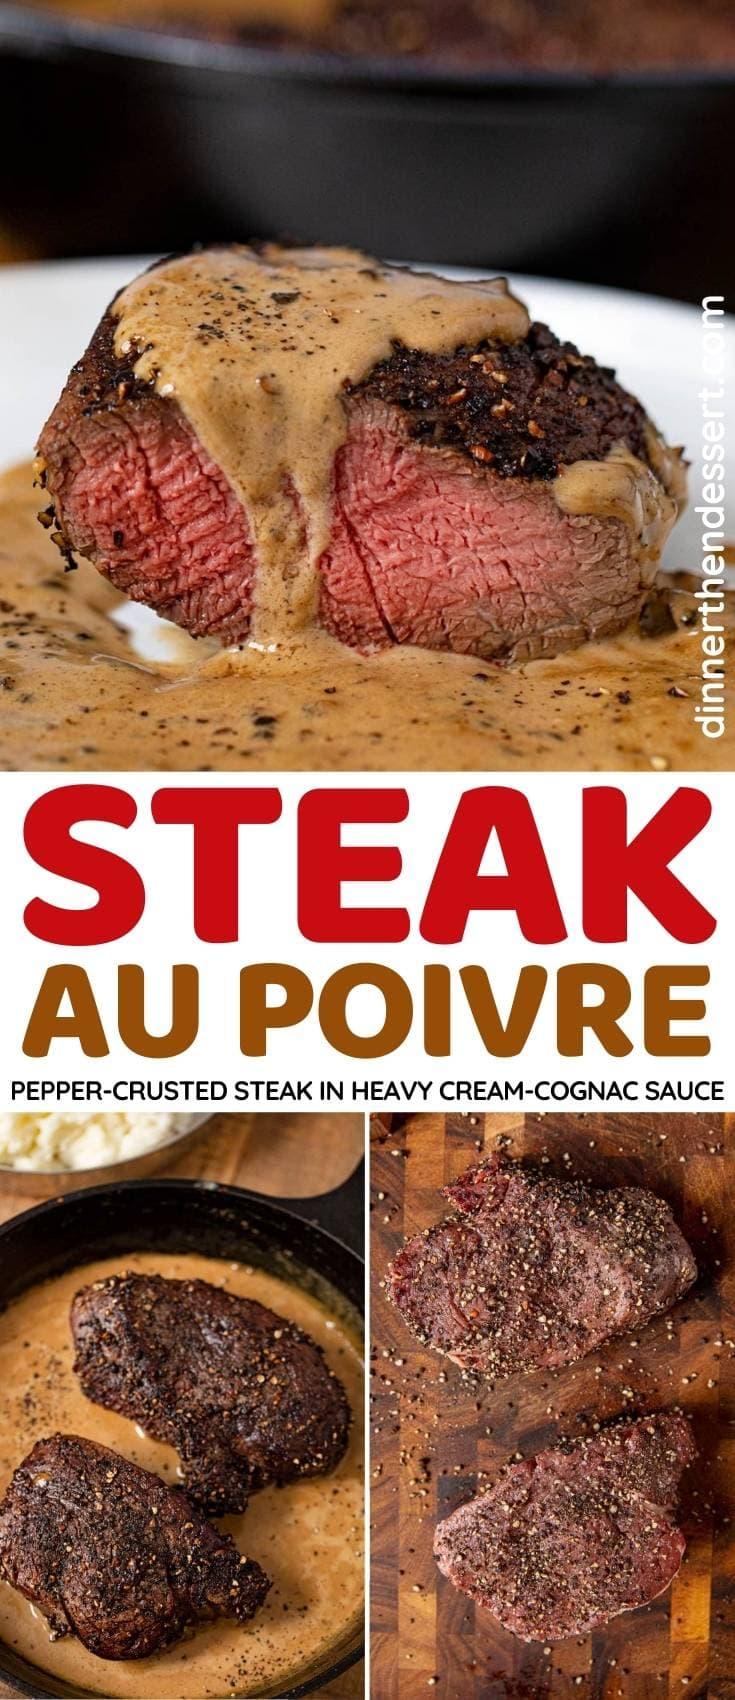 Steak Au Poivre collage